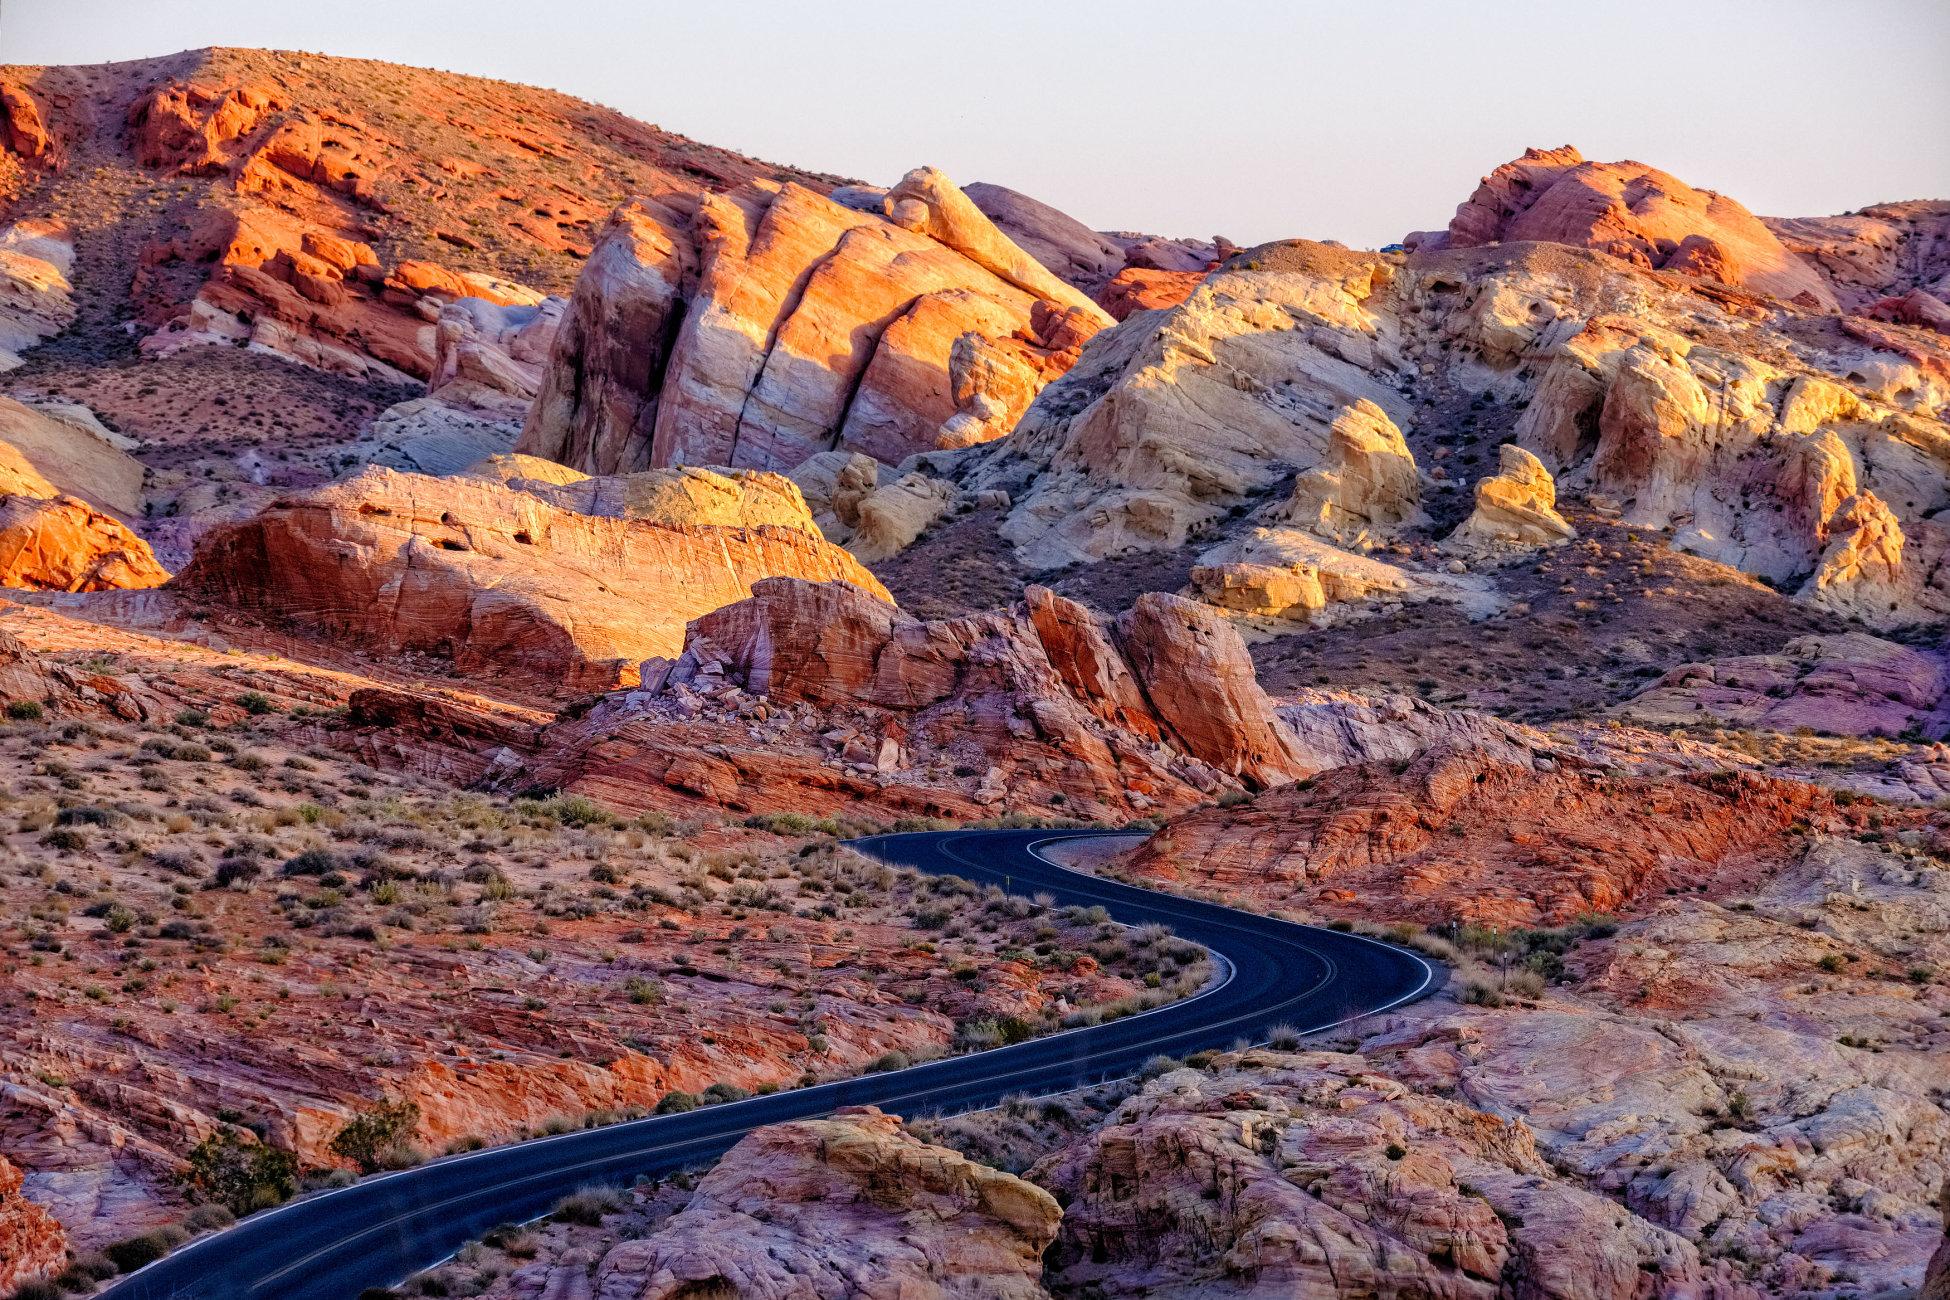 Heart of the desert